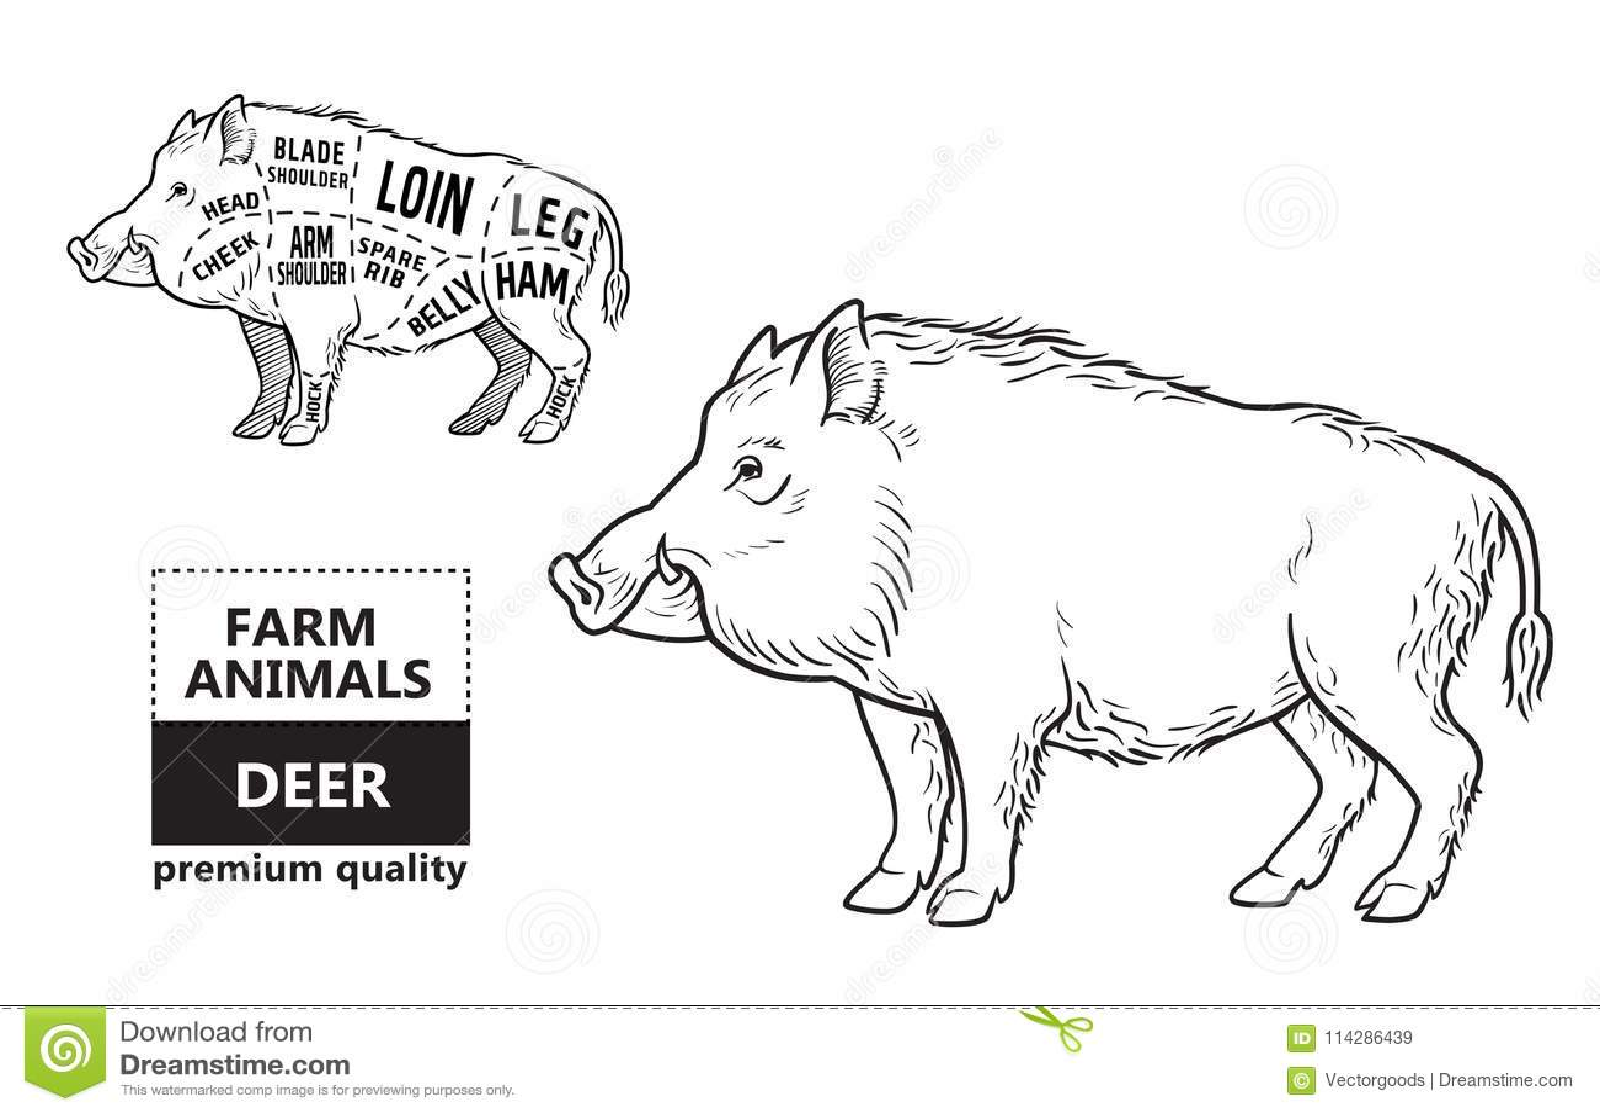 Bacon Butcher Diagram